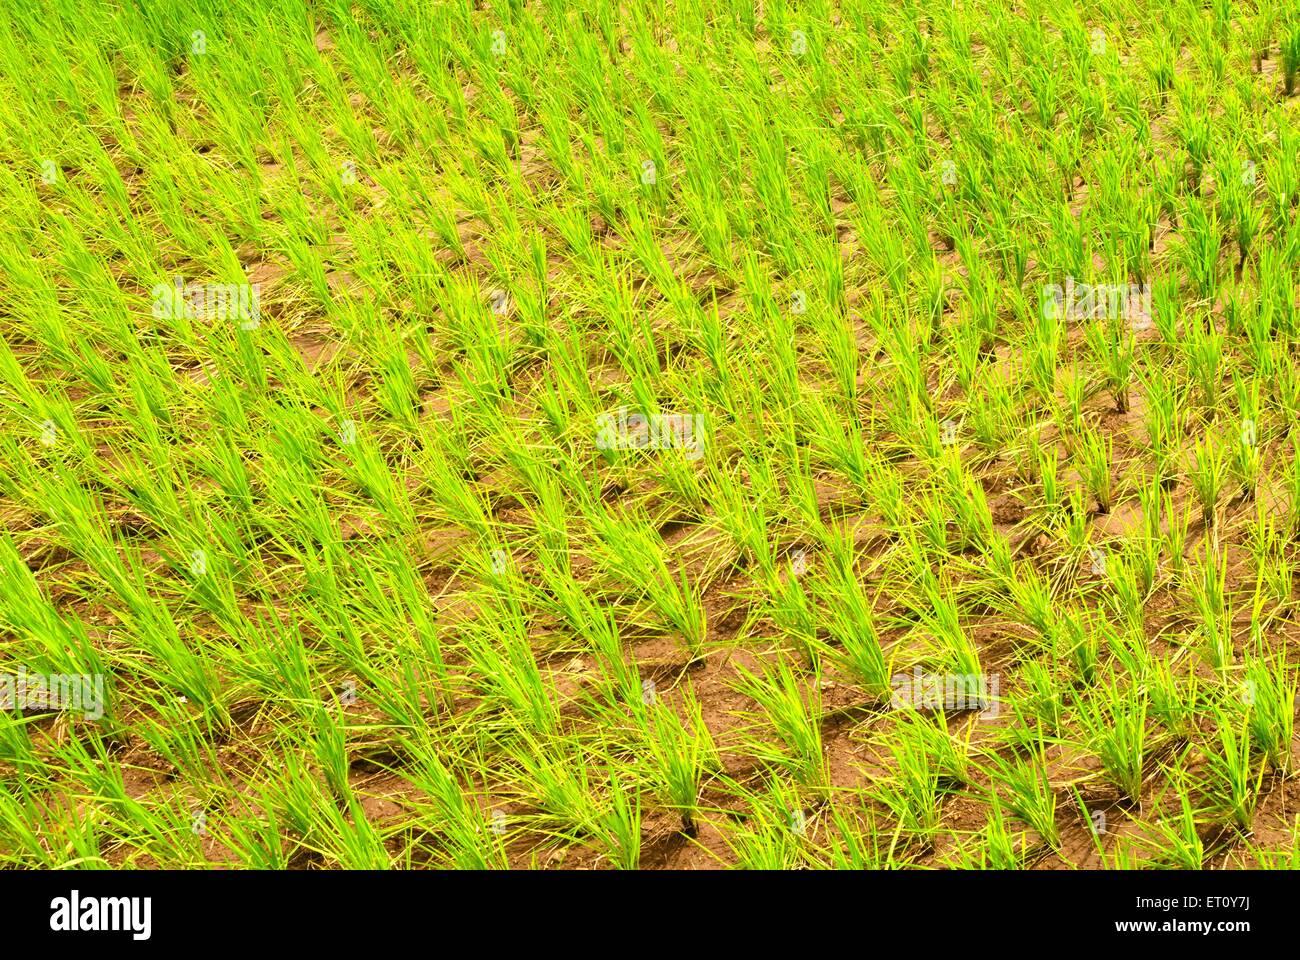 Üppige grüne Reisfeld Anbau von Reisernte bei Malshej Ghat; Maharashtra; Indien Stockbild